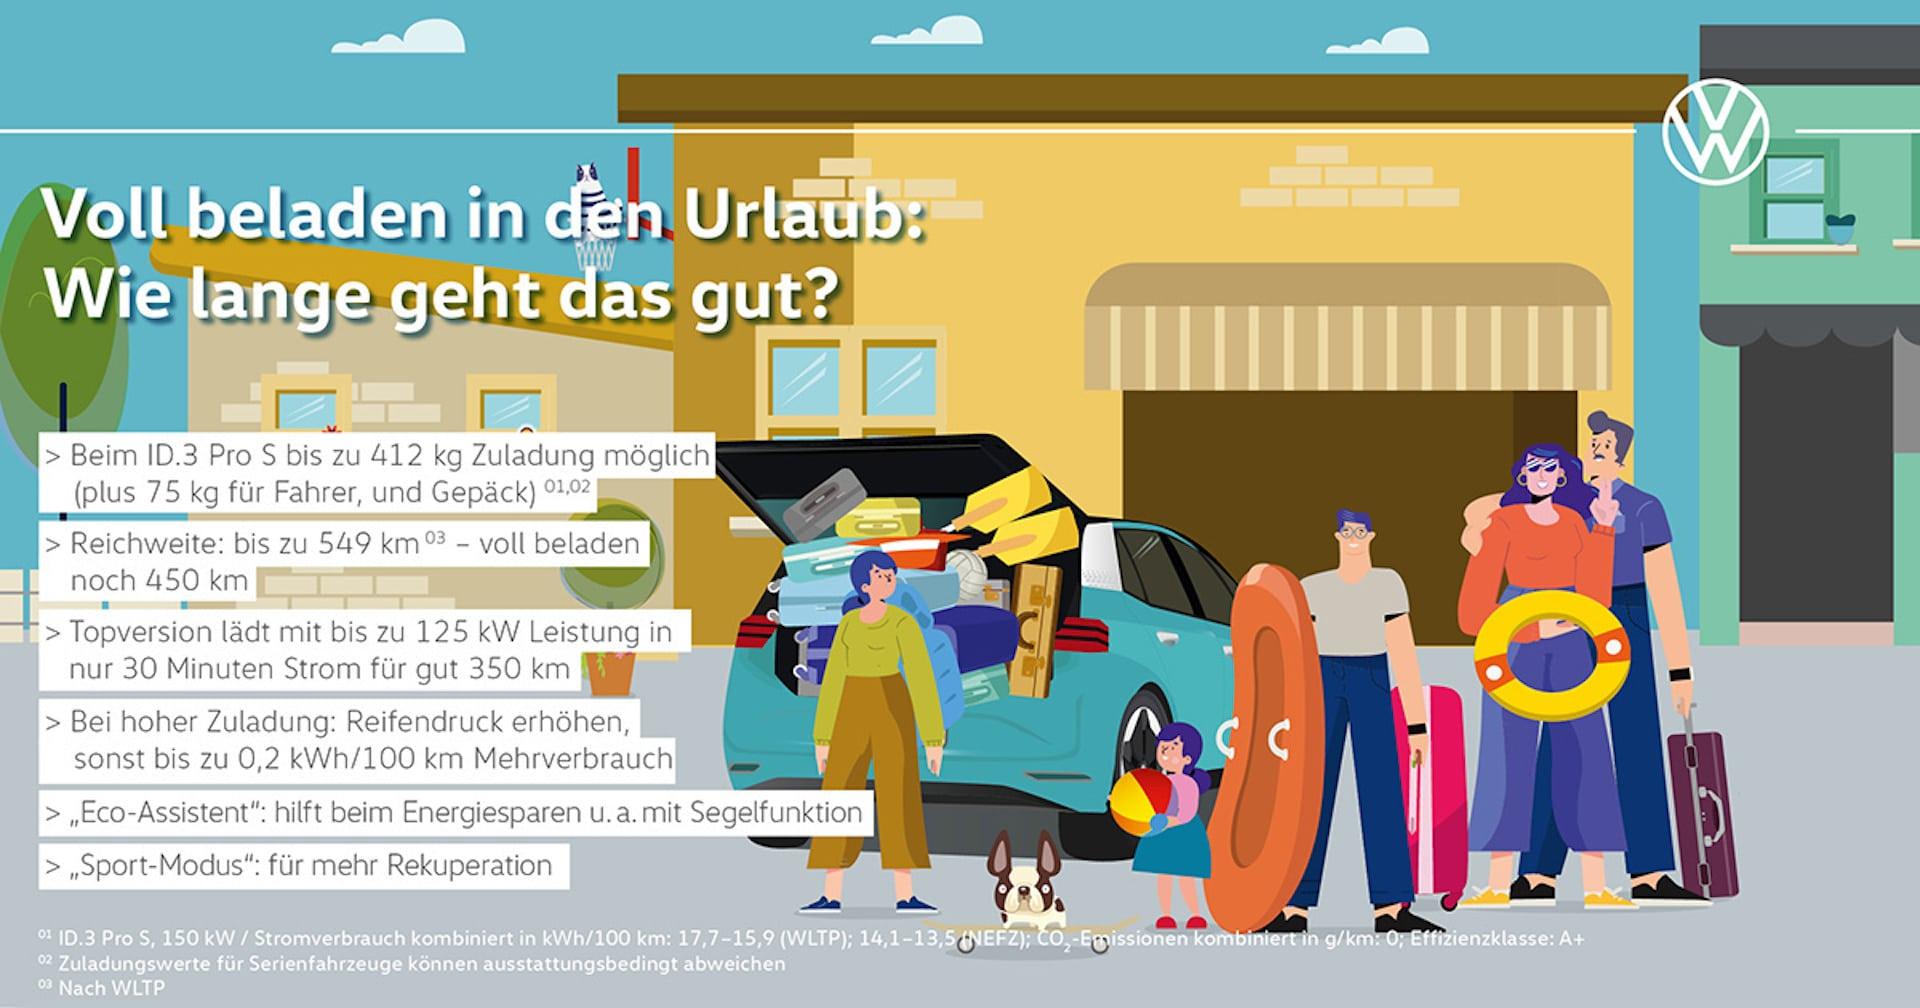 Volkswagen-Elektroauto-Reichweite-Urlaub